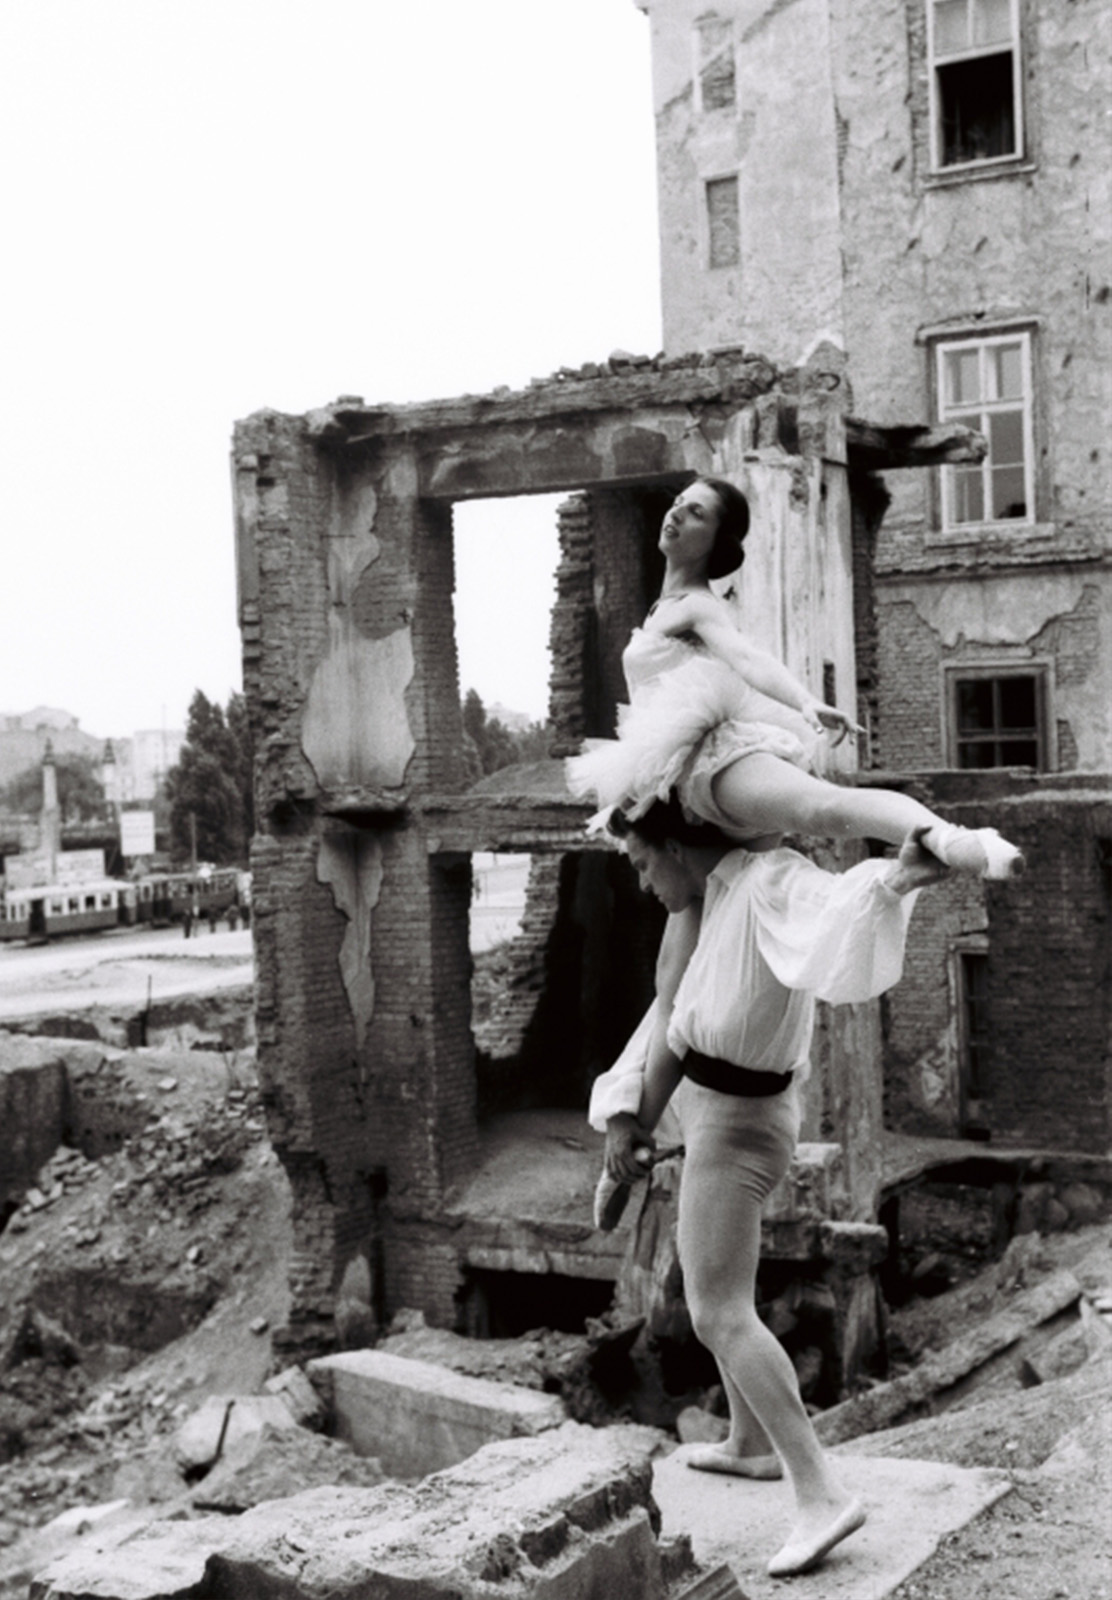 Harry Weber, Balletttanz in den Ruinen rund um die Ruprechtskirche, 01.06.1952 – Bildarchiv /Weber, ÖNB/Wien, Sign.: HWBox001_002104